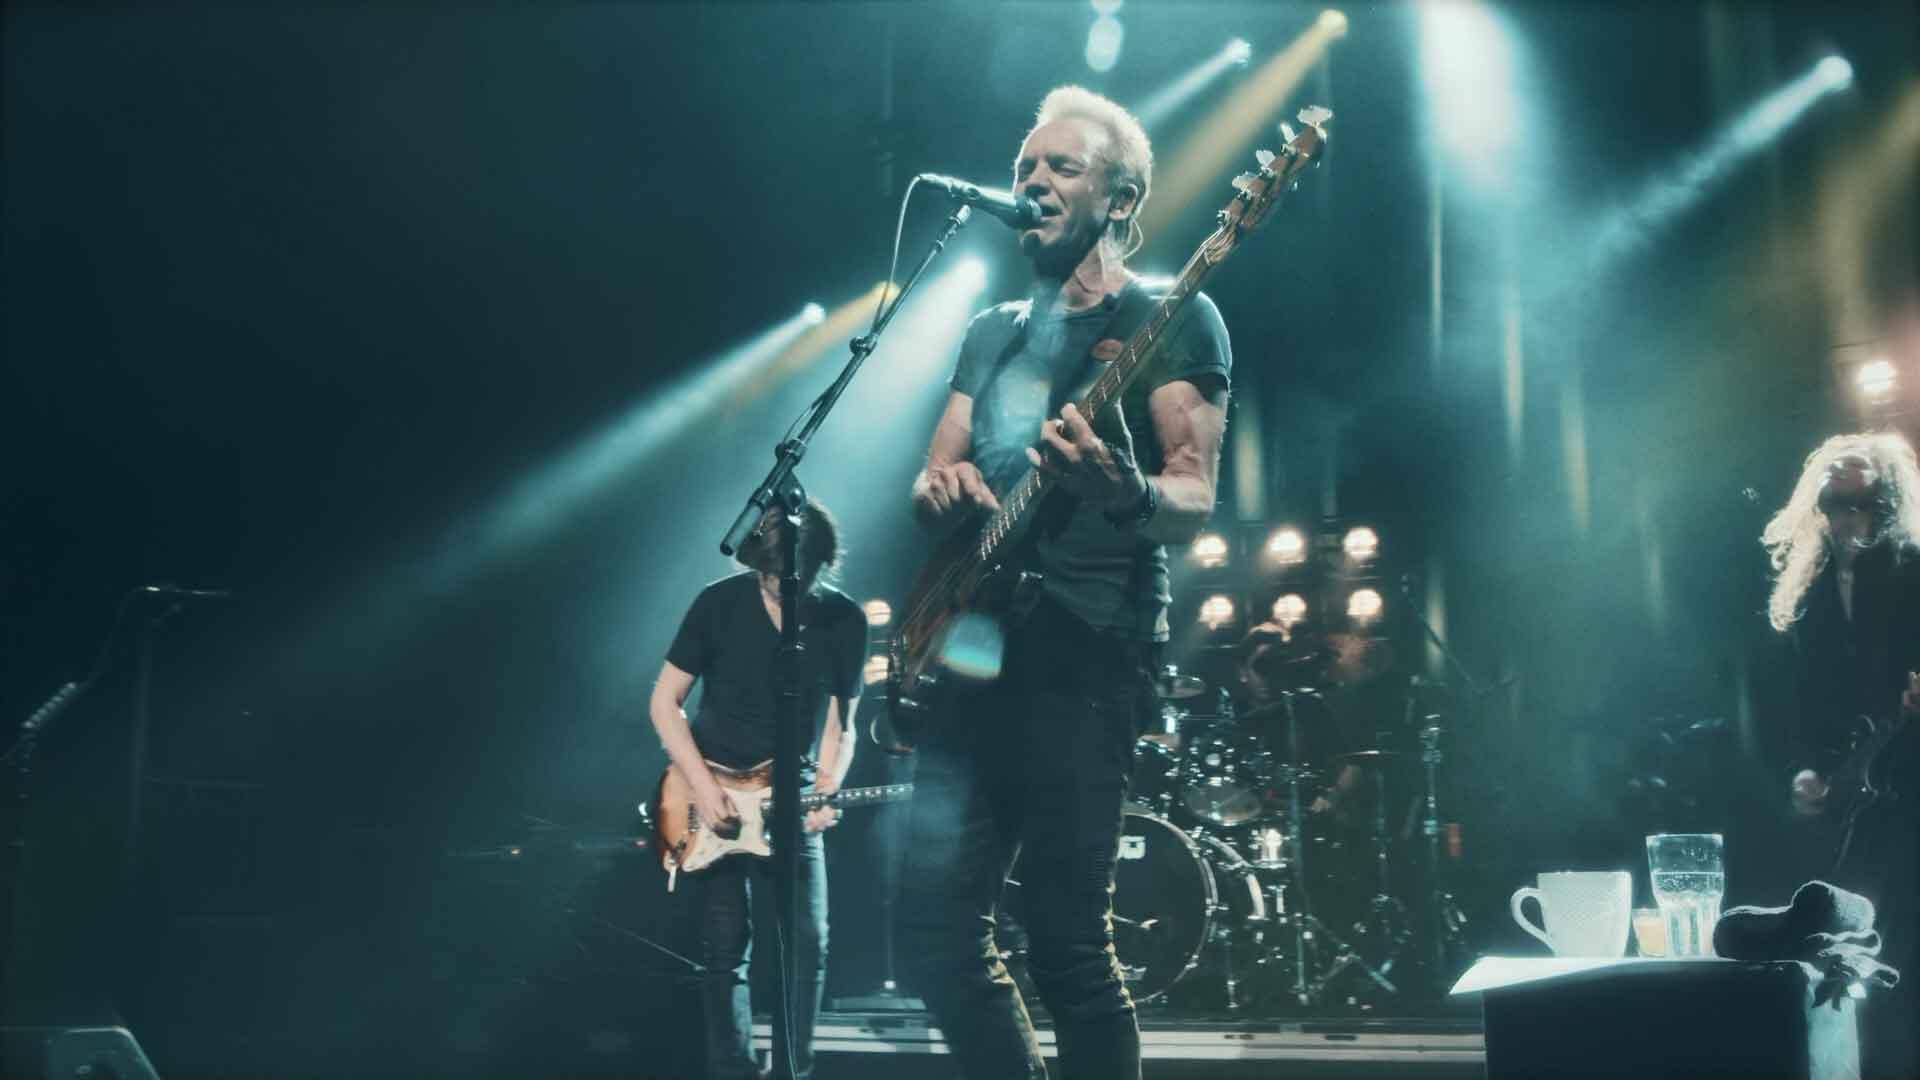 [蓝光原盘] 斯汀 2017巴黎奥林匹亚音乐厅演唱会实录Sting Live at the Olympia Paris 2017《 ISO 35.8G》